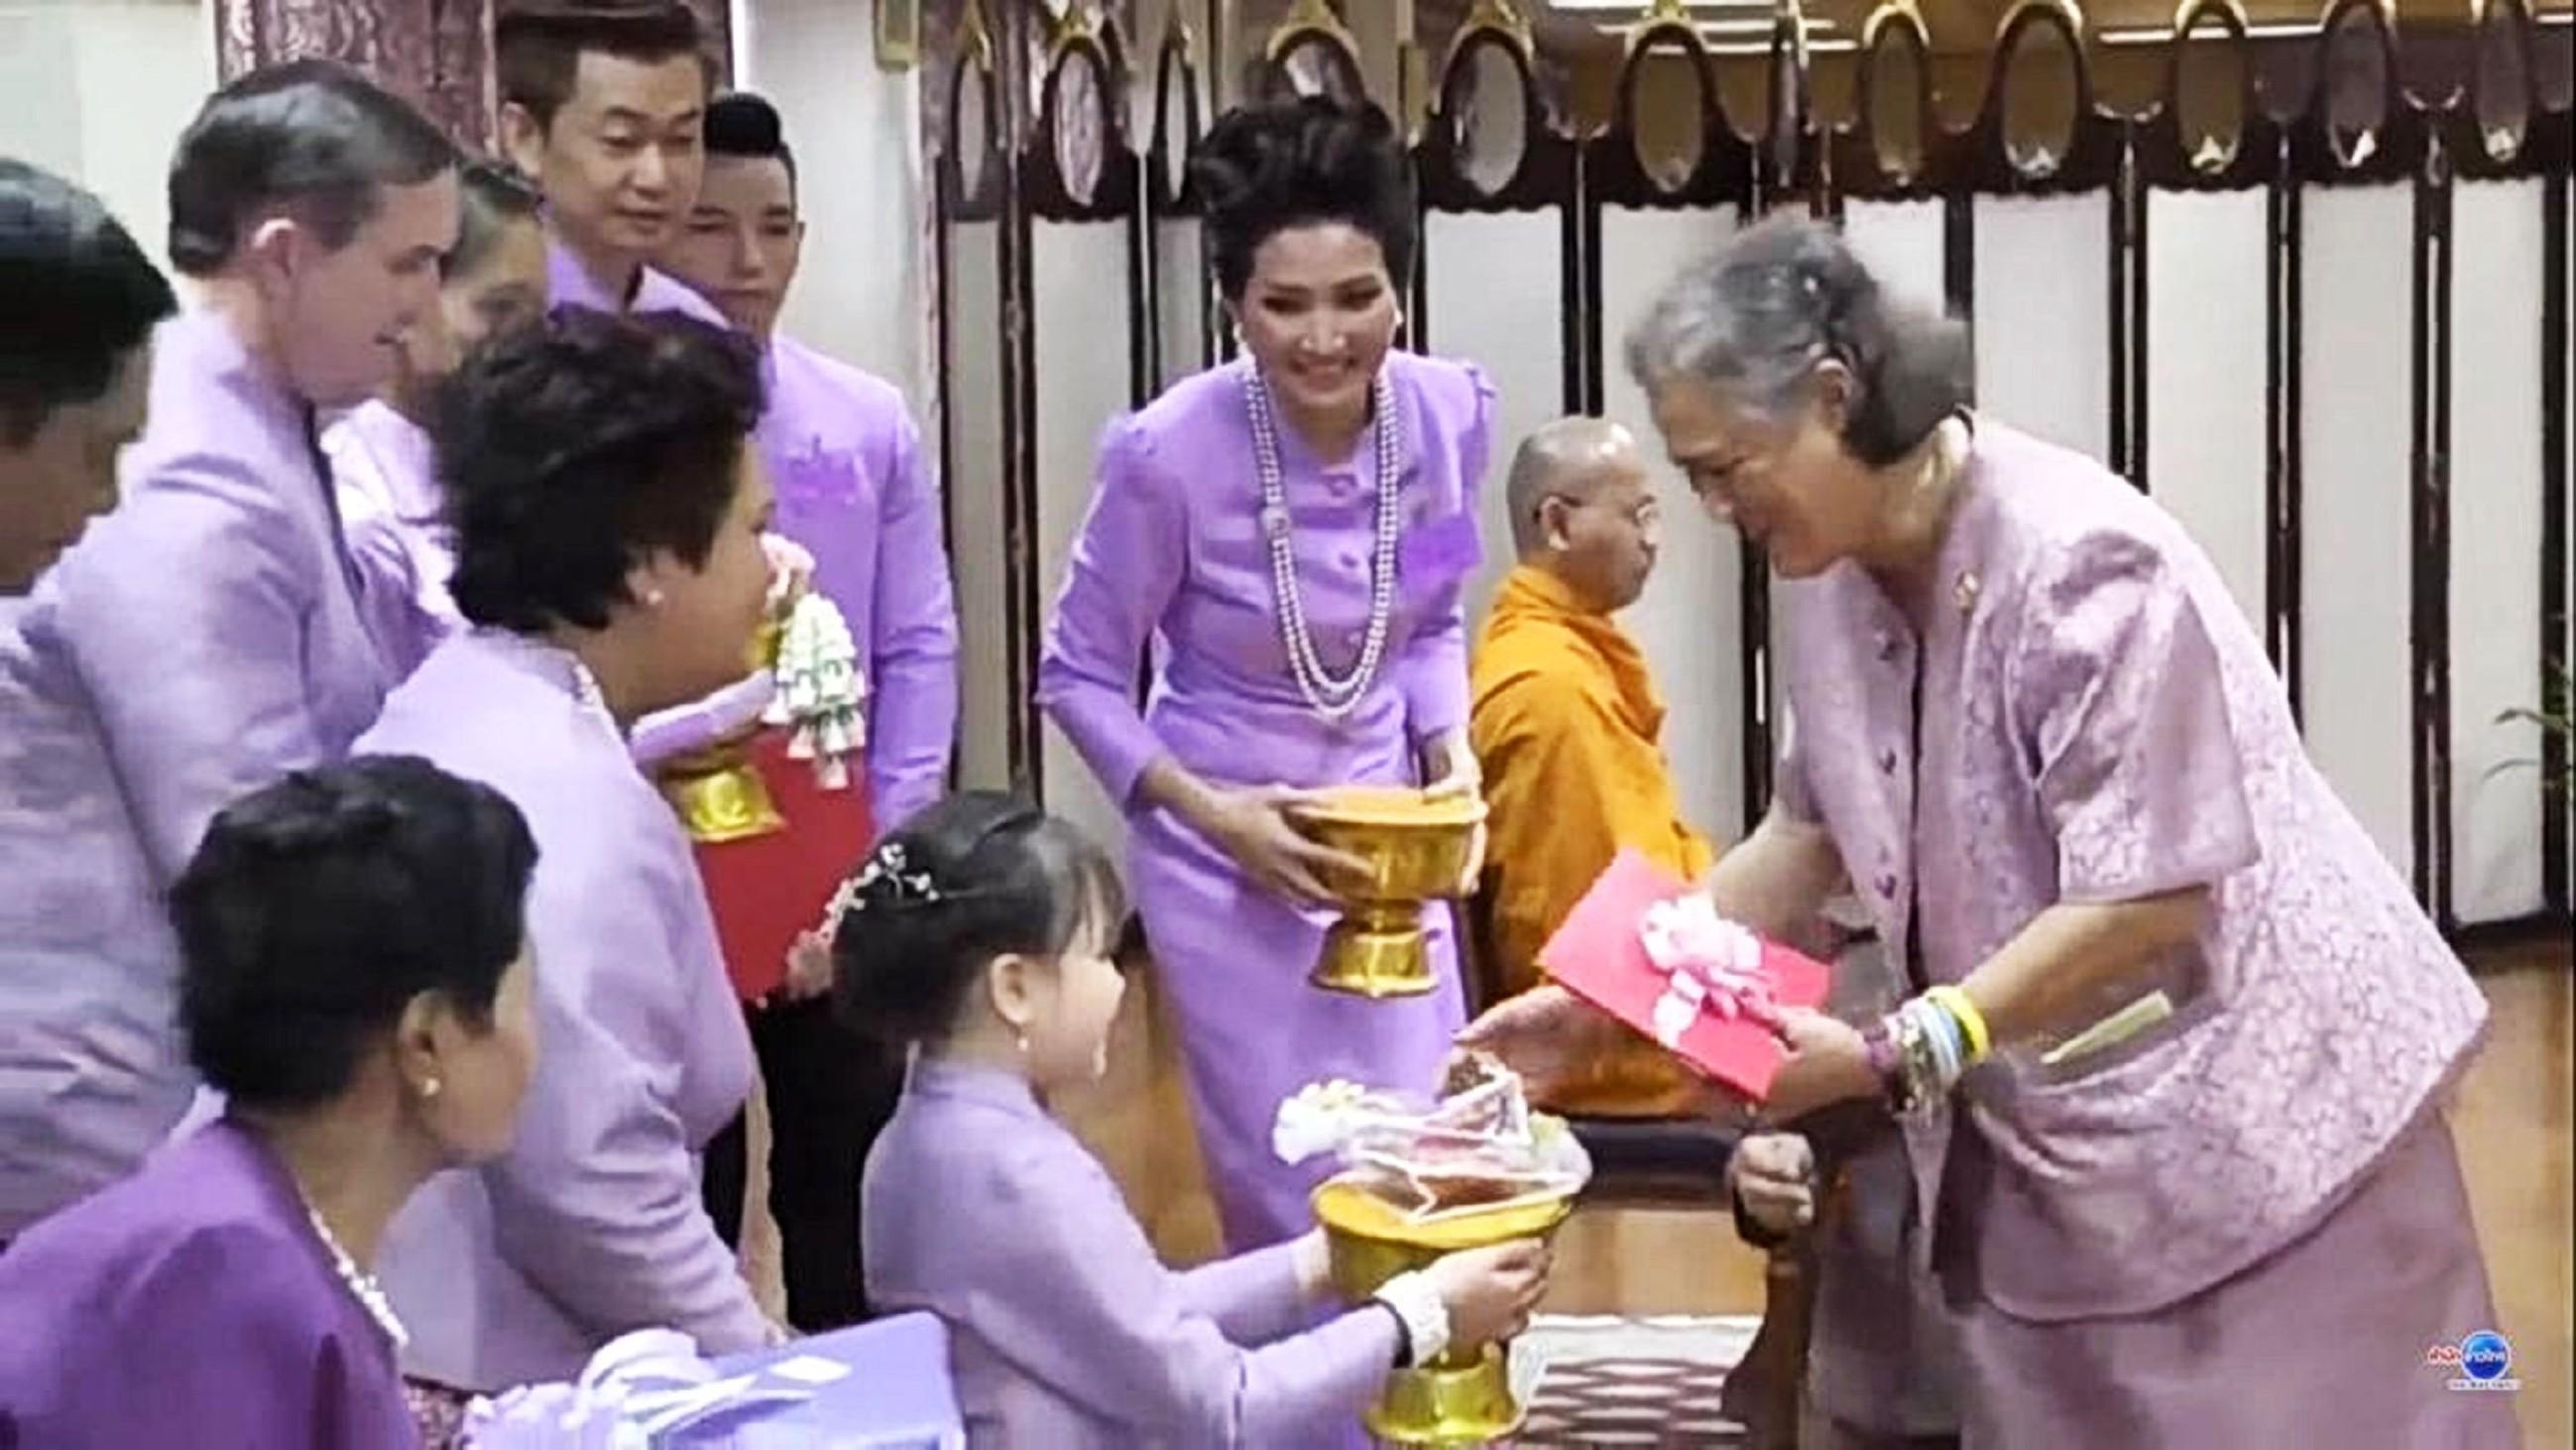 Josef & Narumol Spezial - Im Königspalast treffen Narumol, Jorafina , Josef, Jenny und Jack auf die thailändischen Prinzessin Maha Chakri Sirindhorn